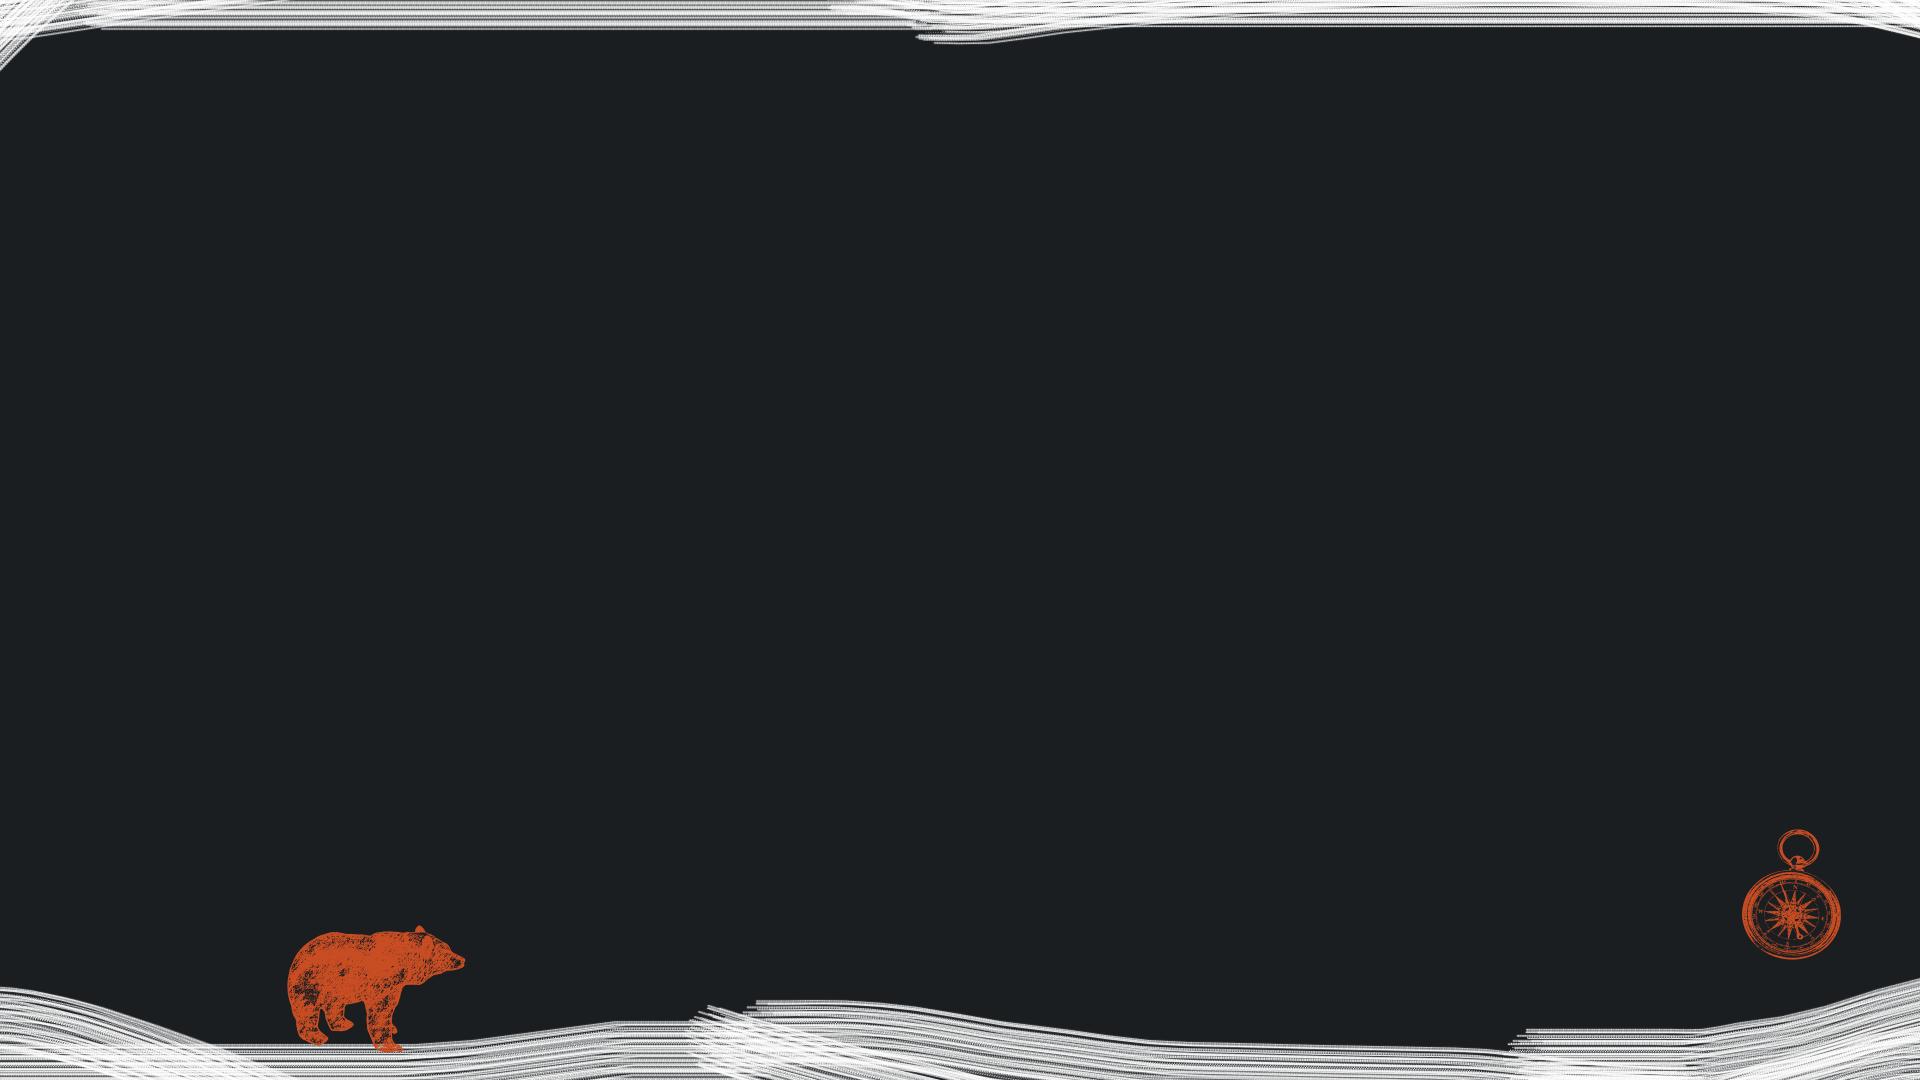 Hintergrund schwarz